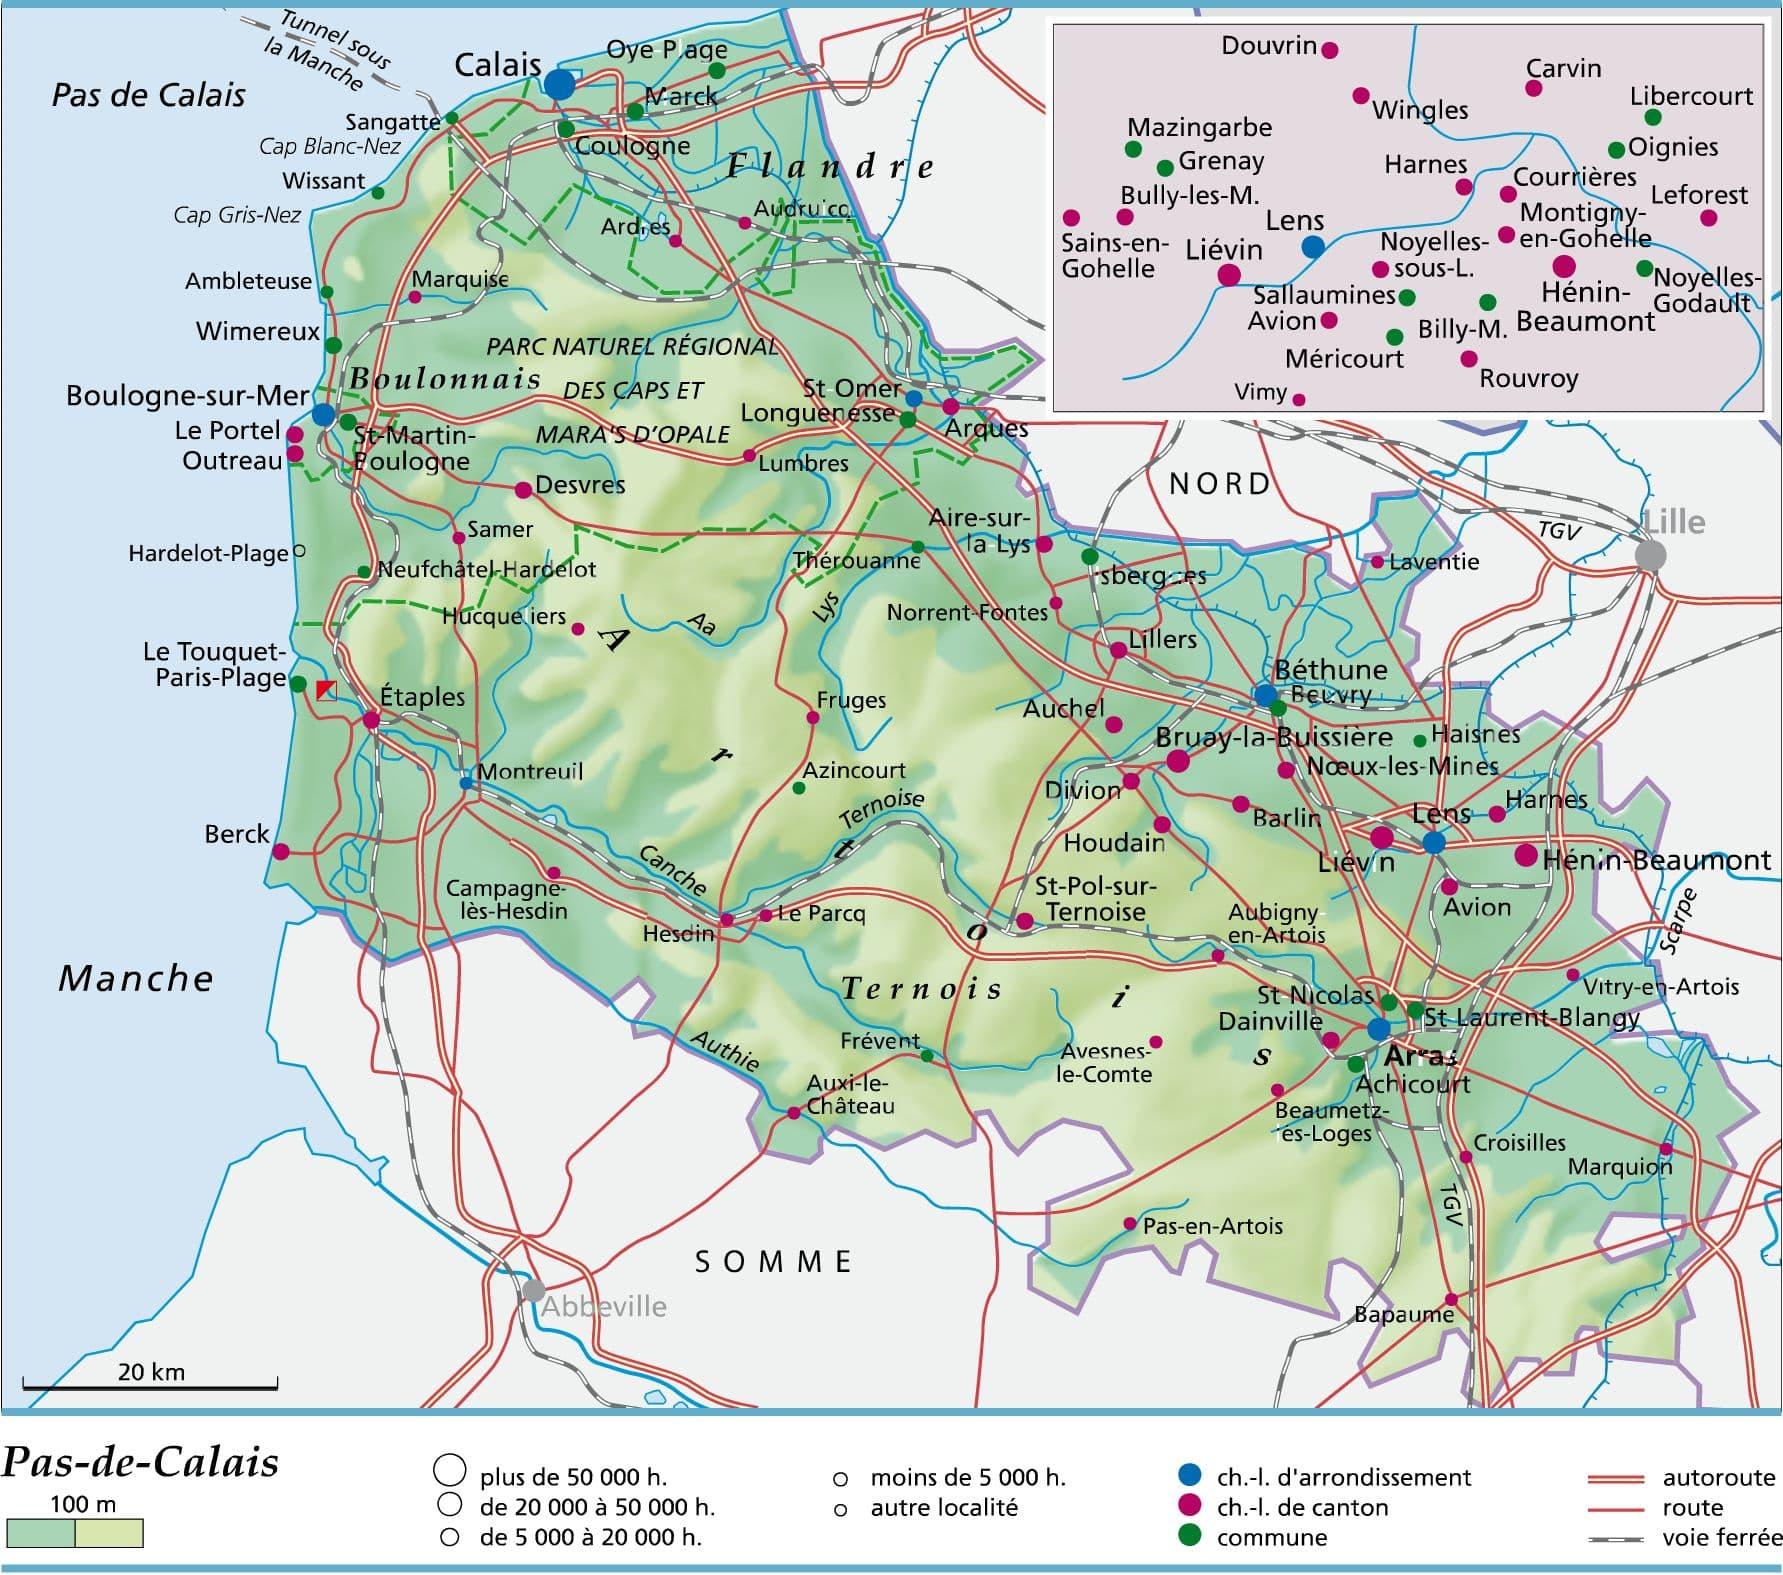 Encyclopédie Larousse En Ligne Pas De Calais